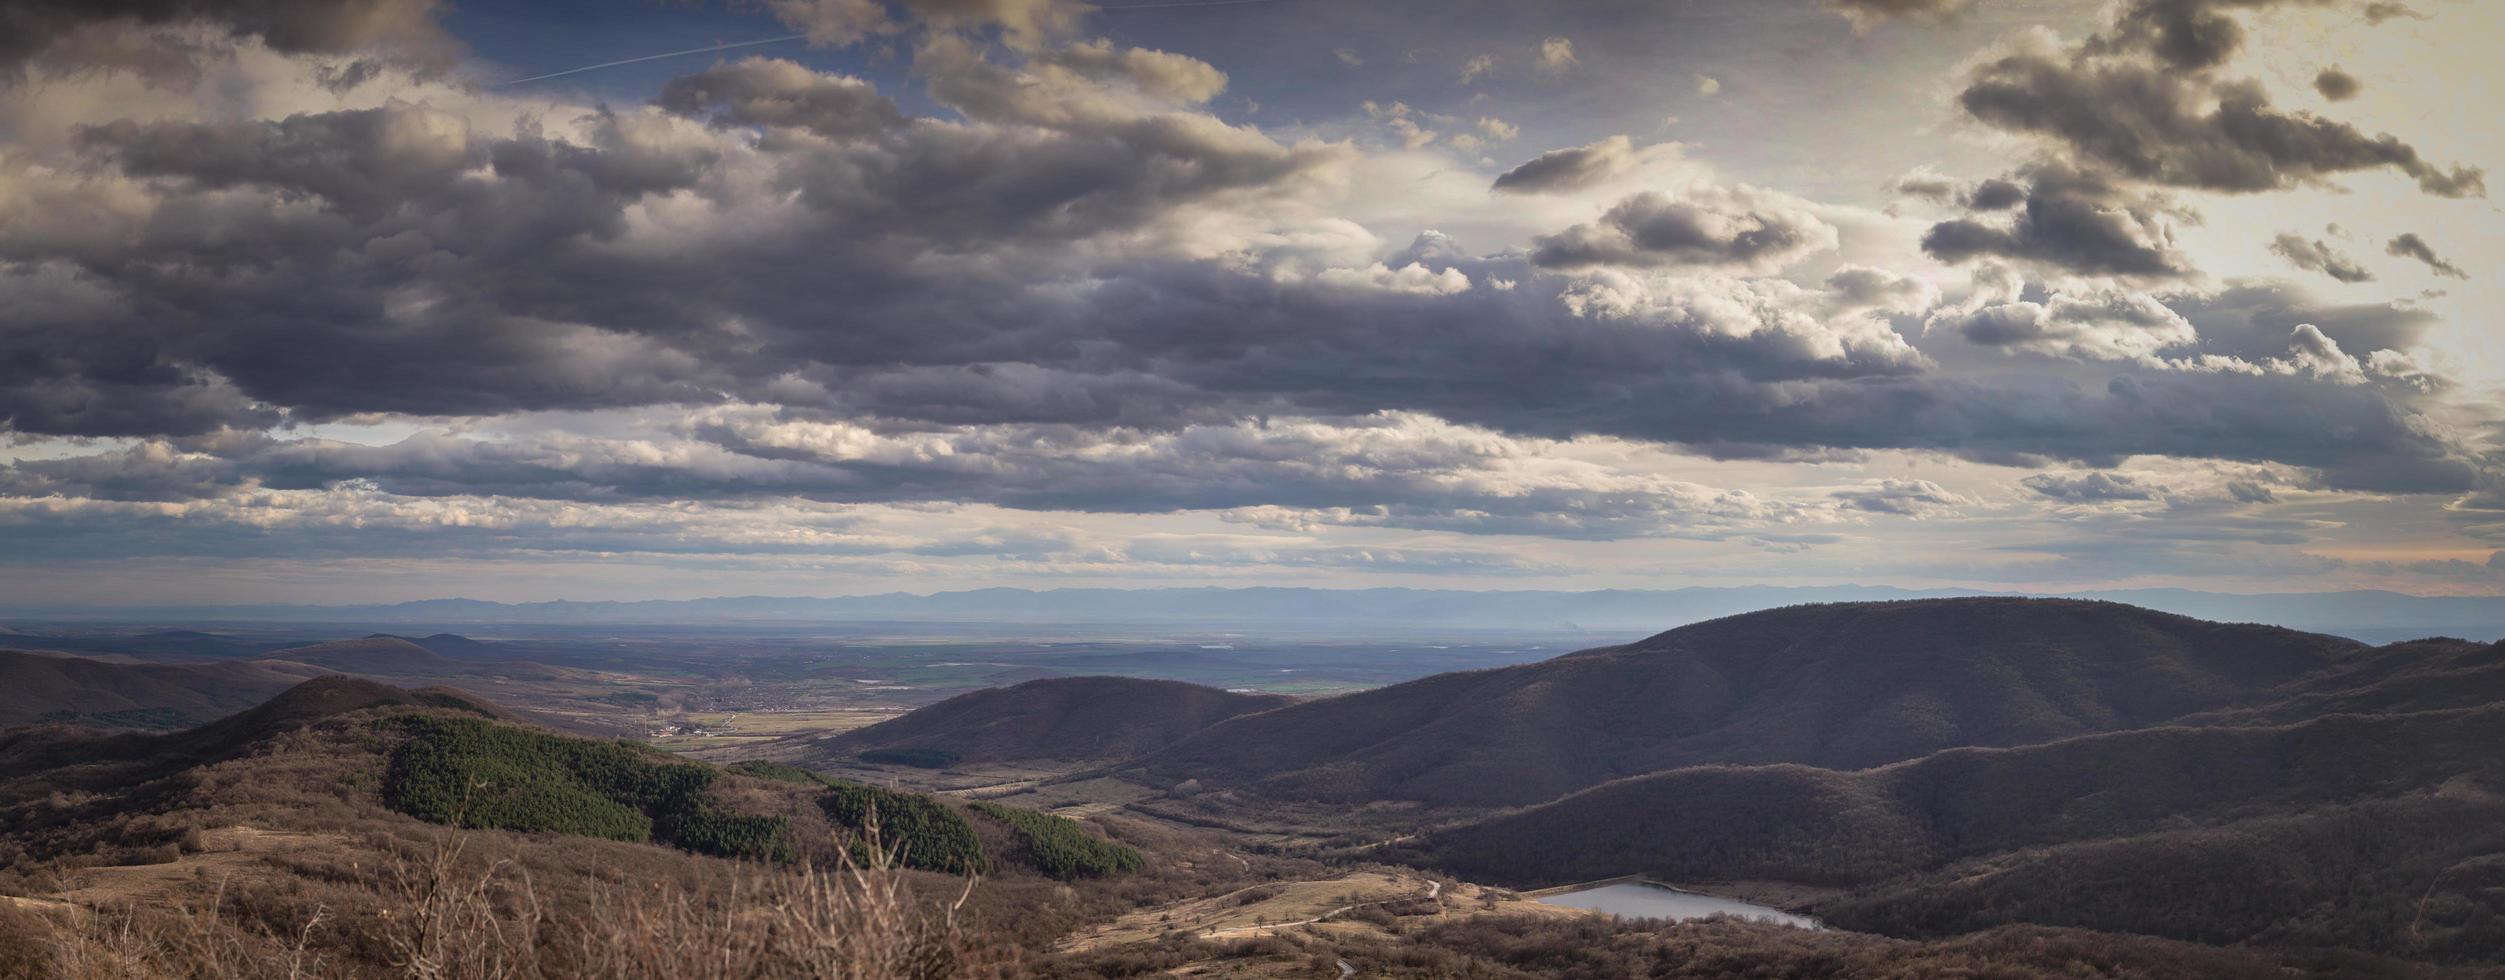 panorama van bergen en een mooie hemel foto